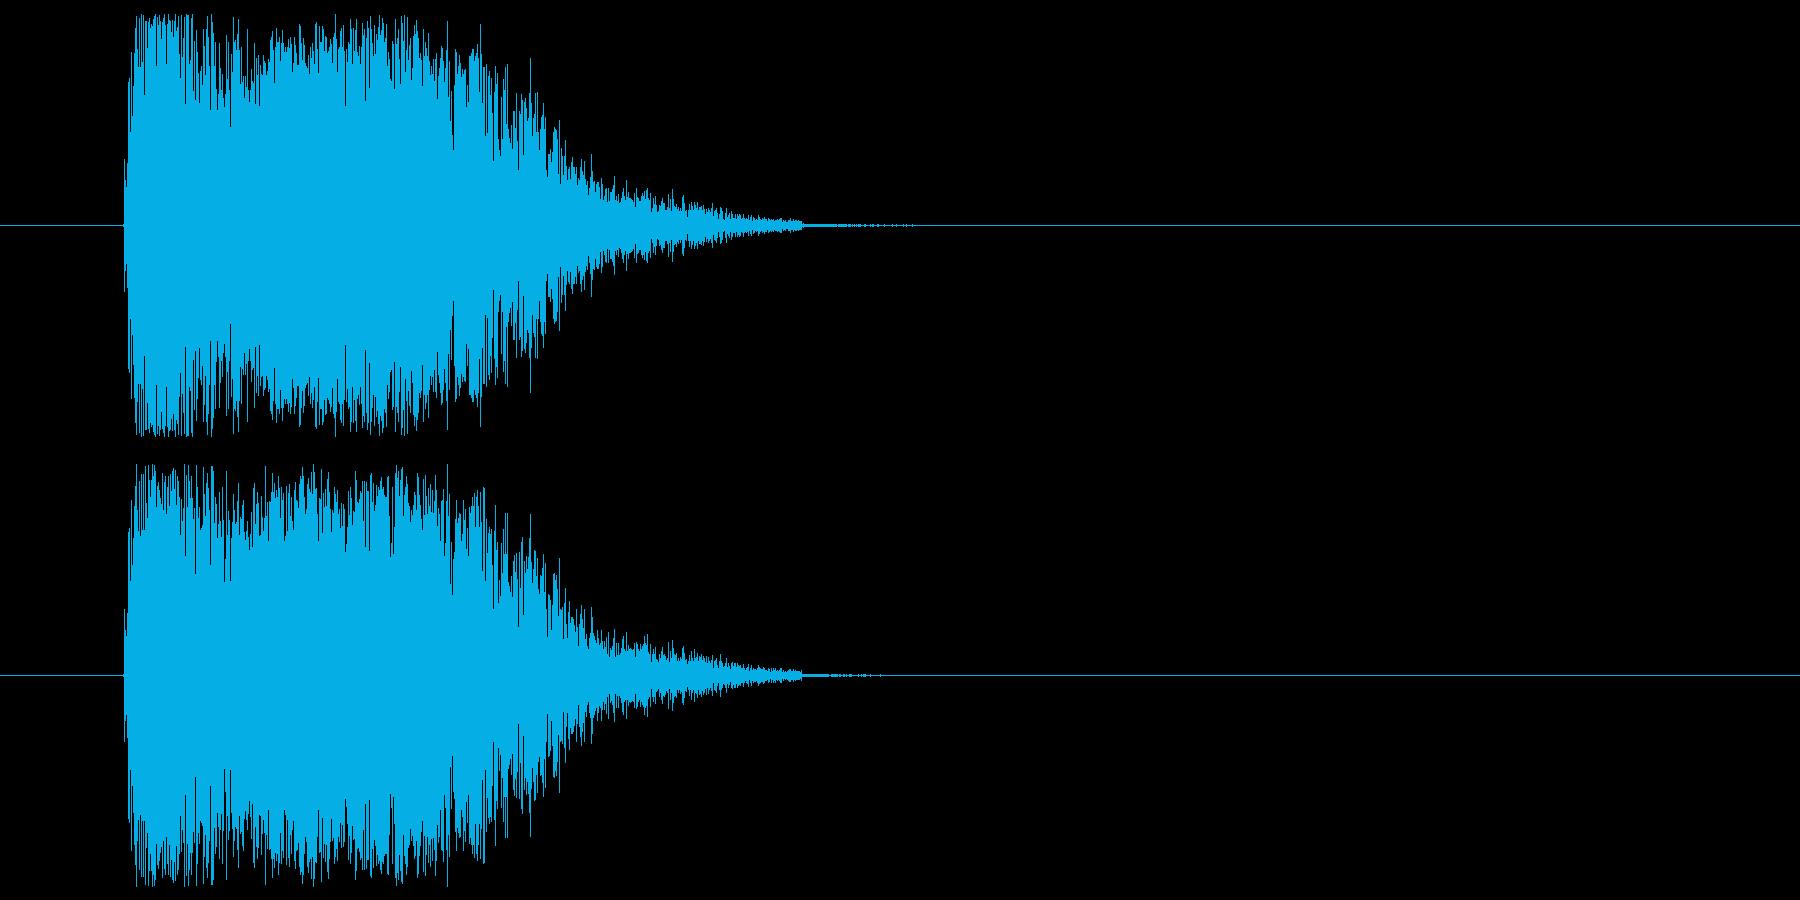 打撃音_ダメージ音の再生済みの波形